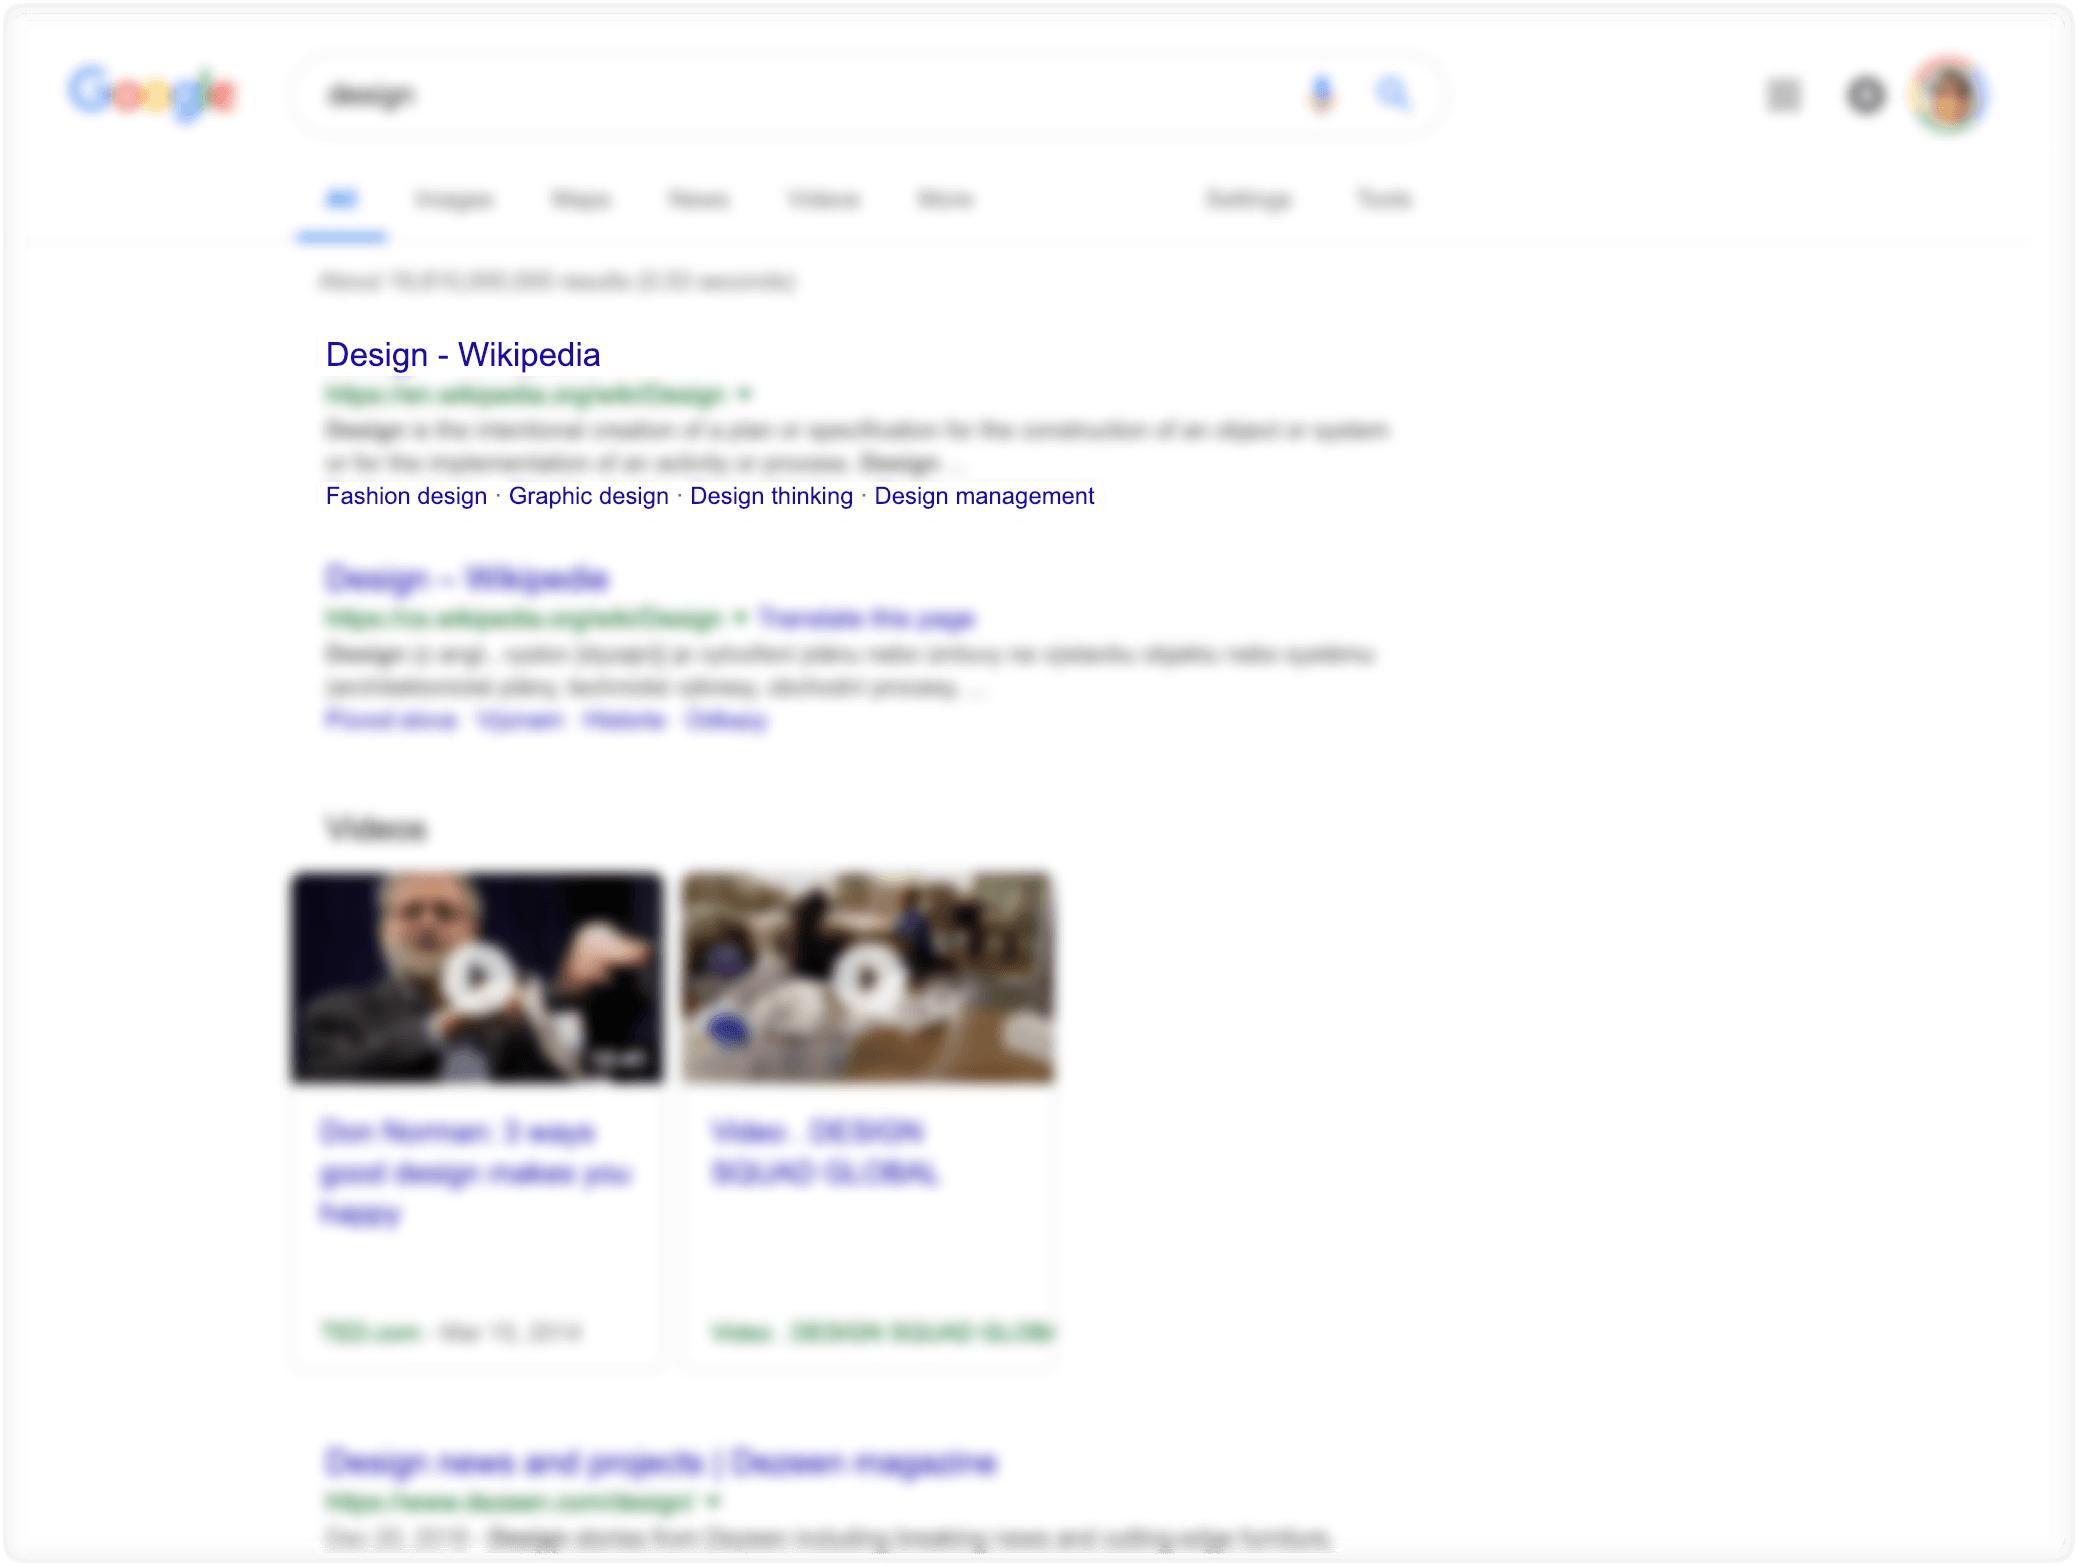 Odkaz na výsledek vyhledávání na Google, včetně doplňujících odkazů